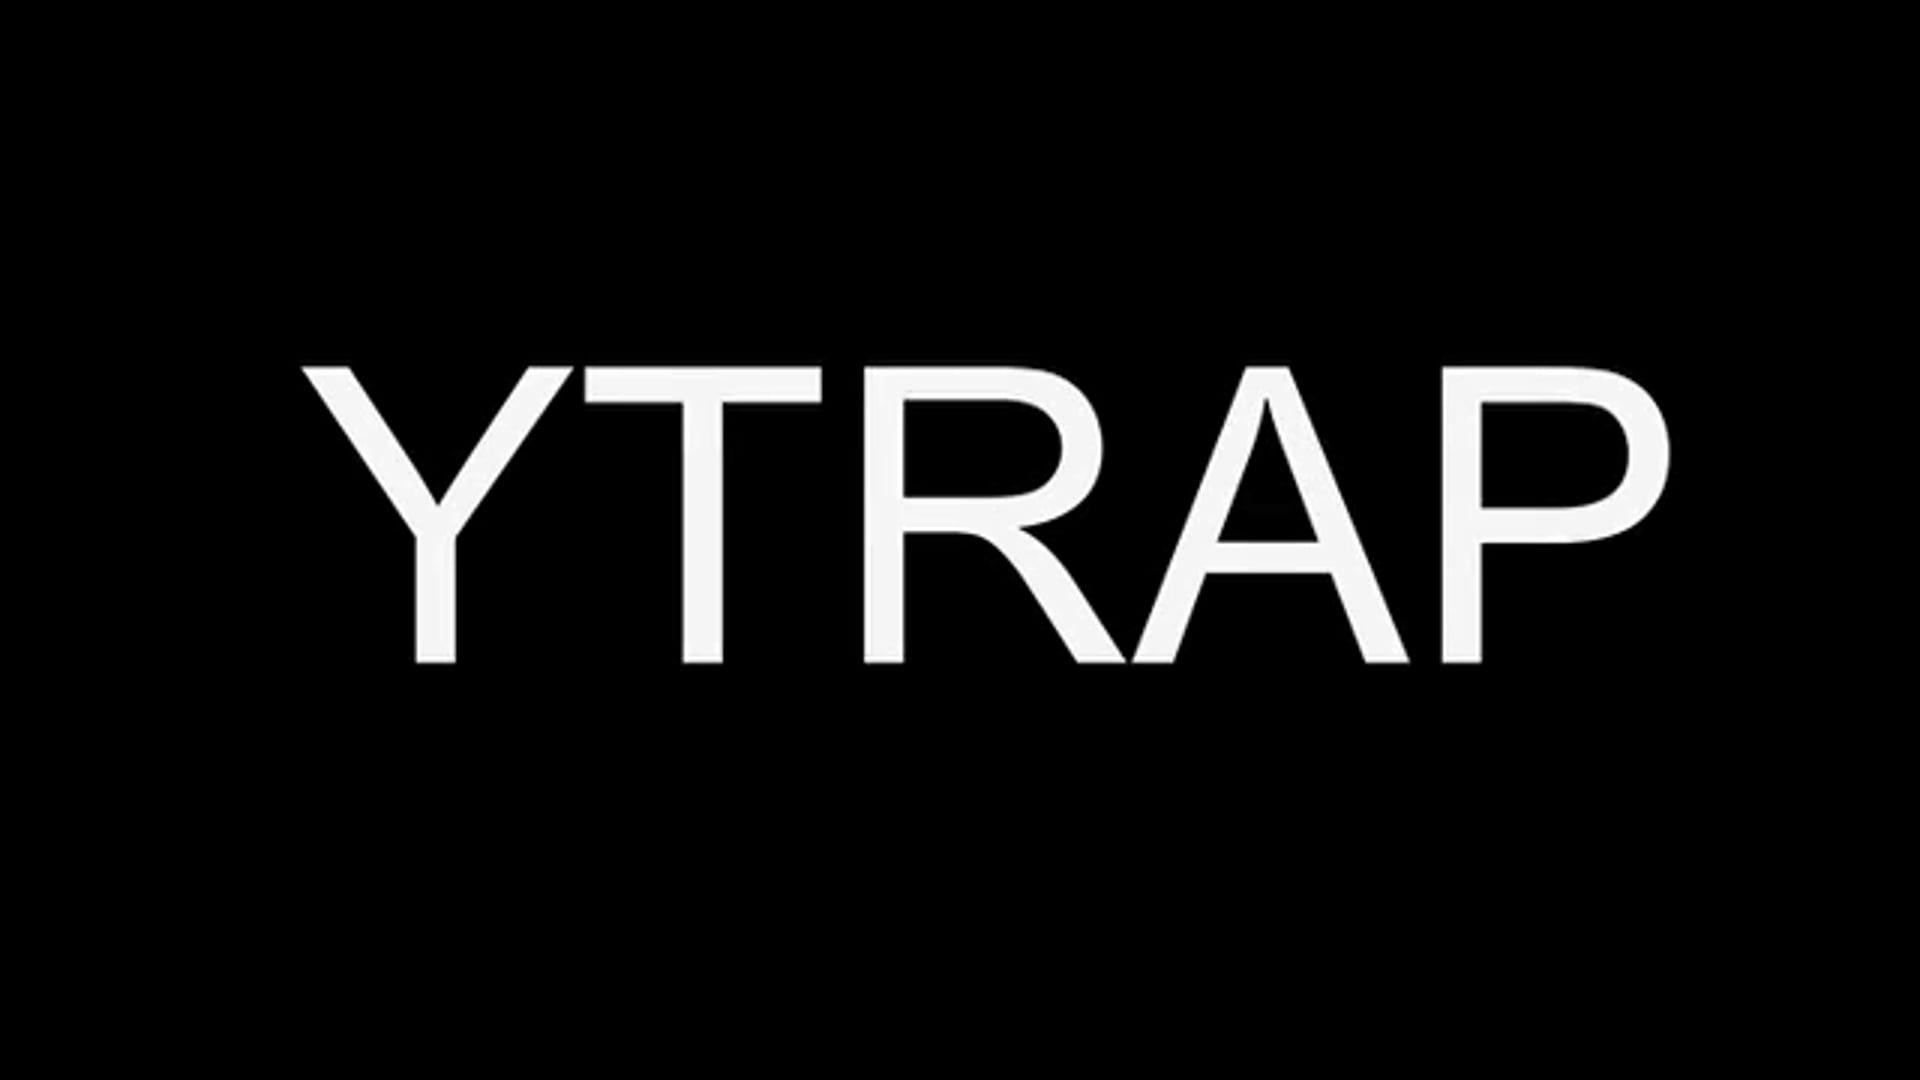 Y-TRAP